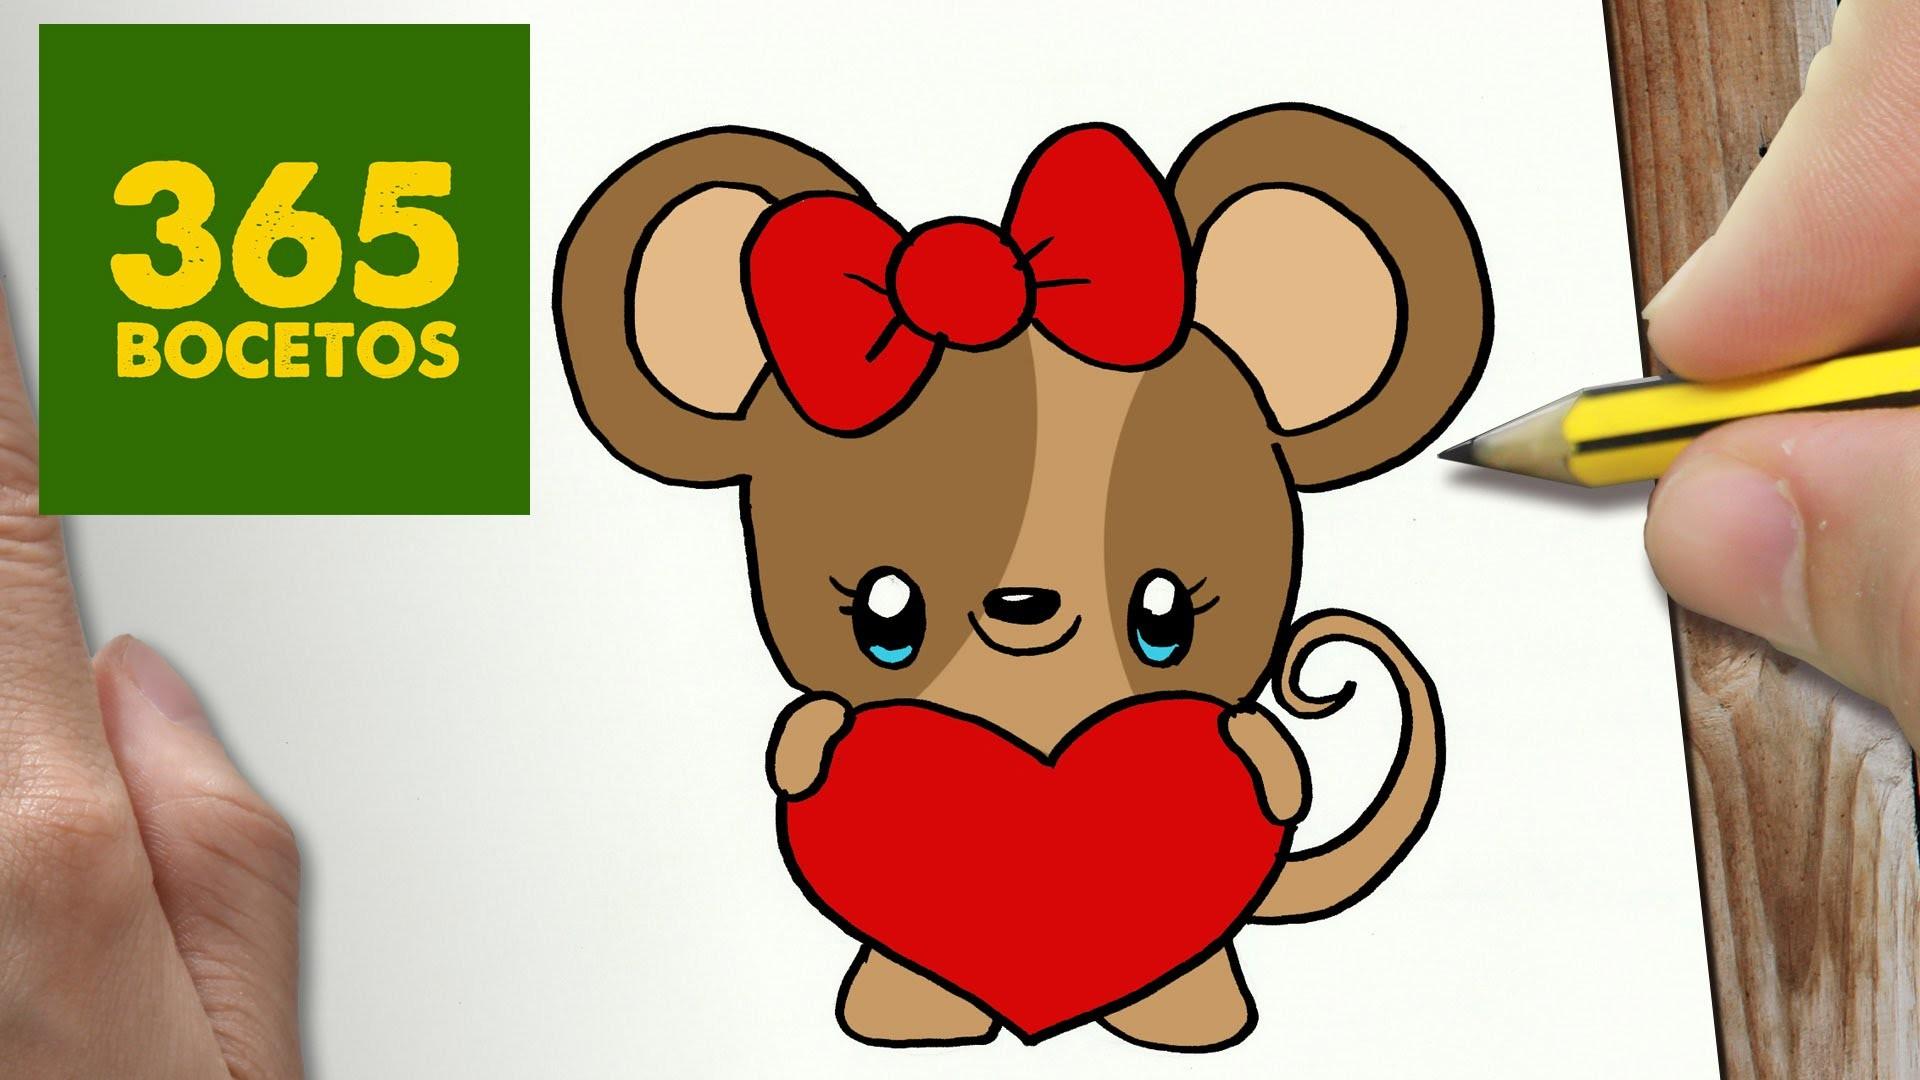 como dibujar raton kawaii paso a paso dibujos kawaii faciles how